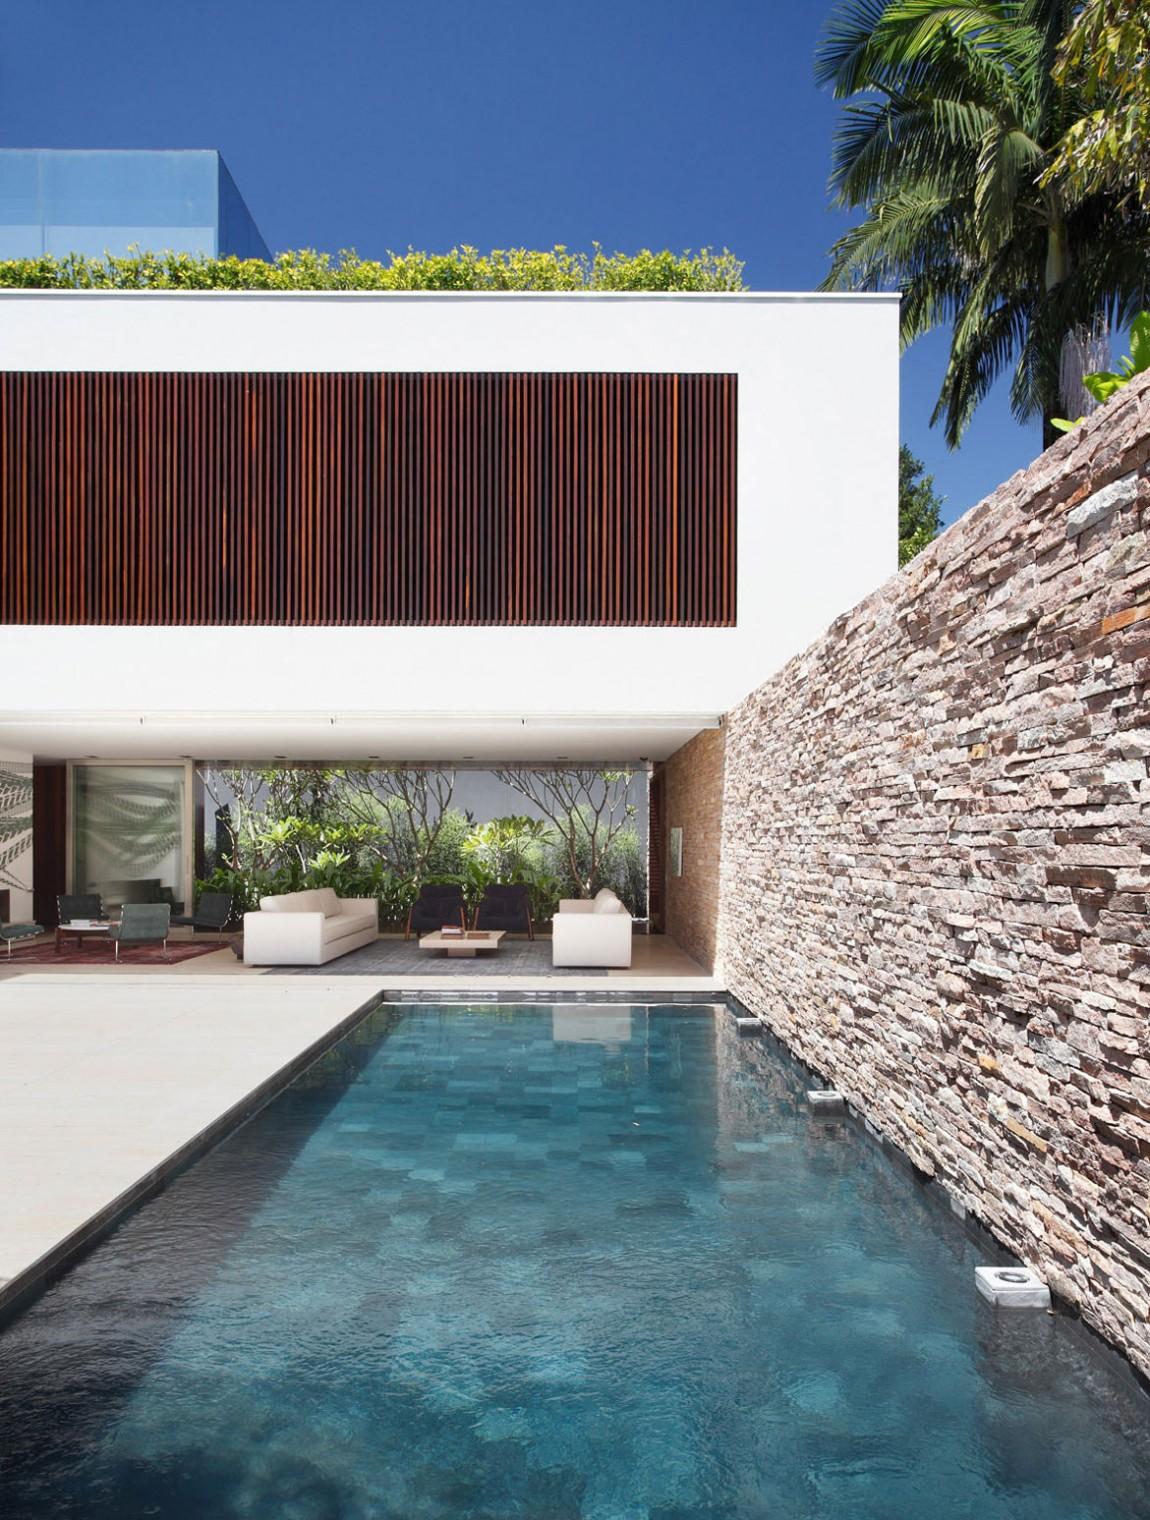 Стильный проект дома с прекрасным внутренним двором